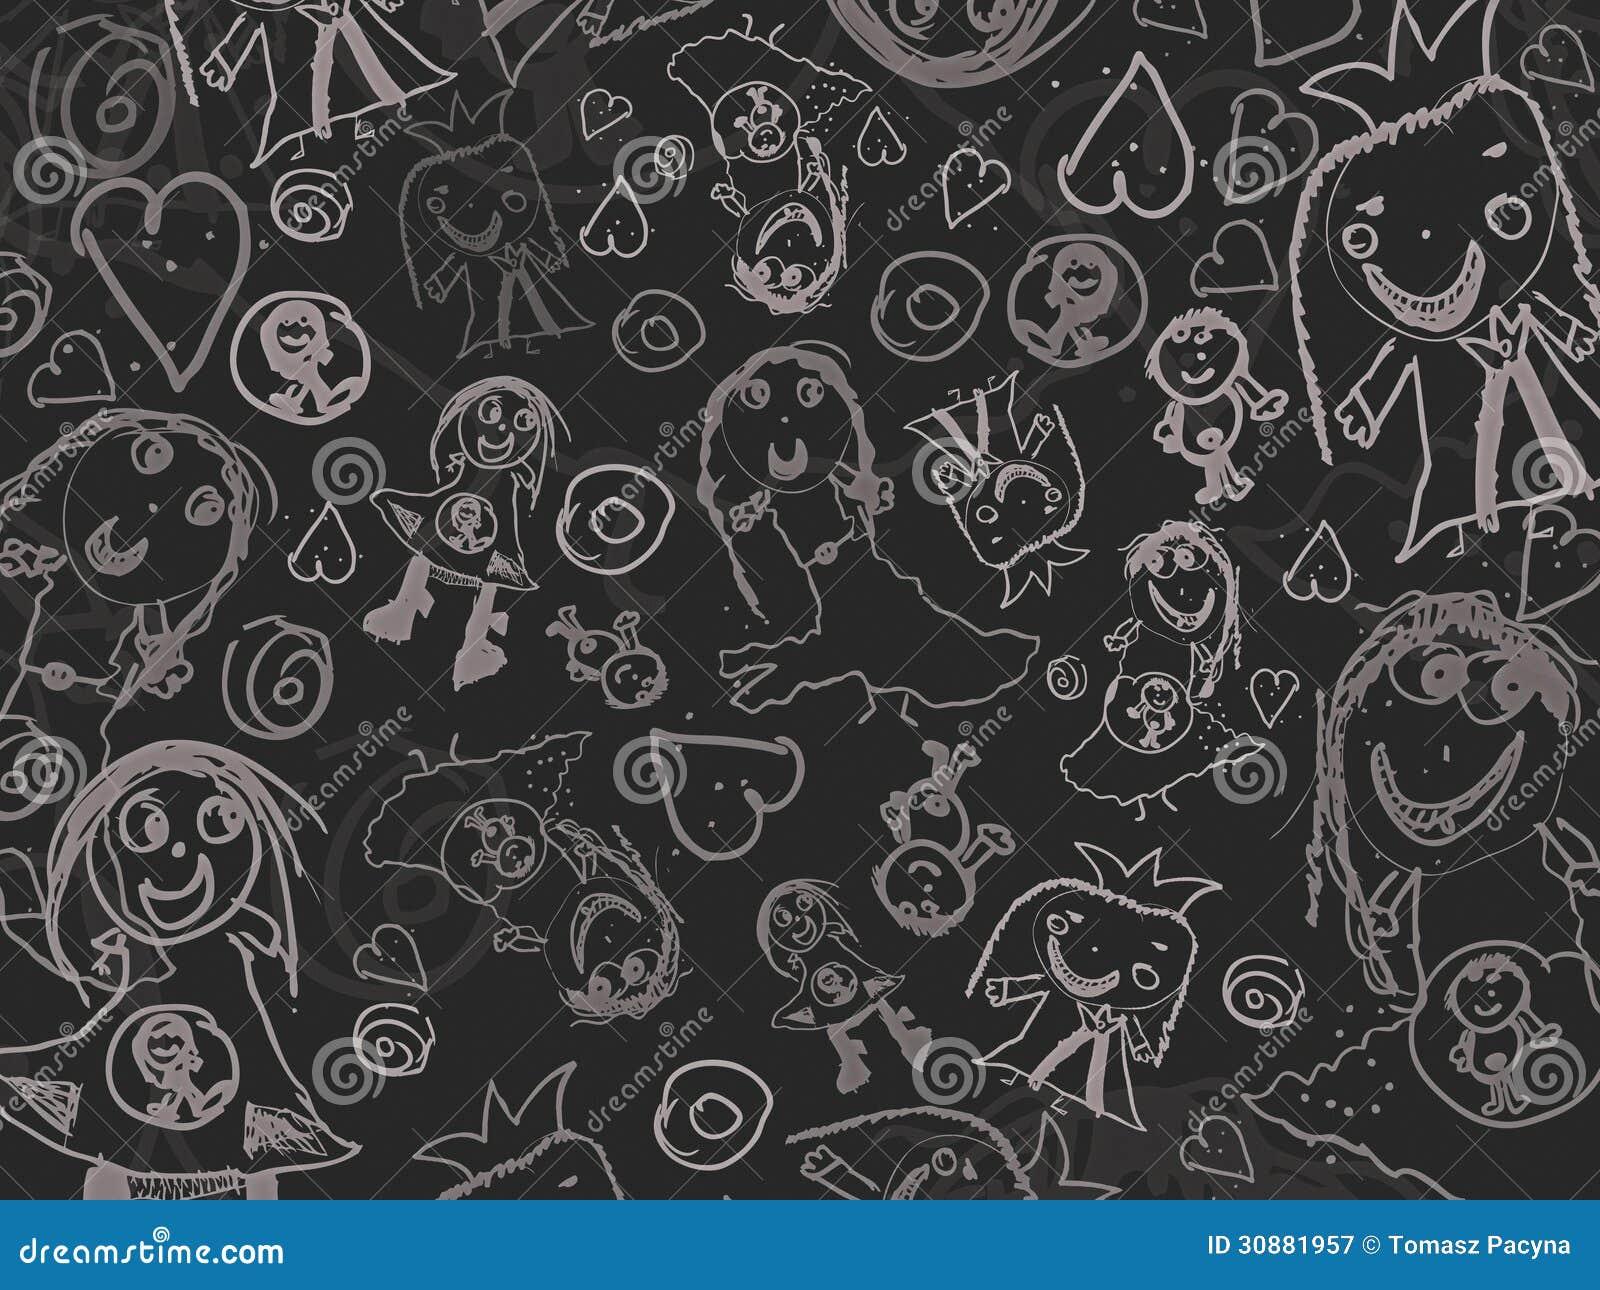 Les dessins des enfants sur un fond noir photographie - Dessin fond noir ...